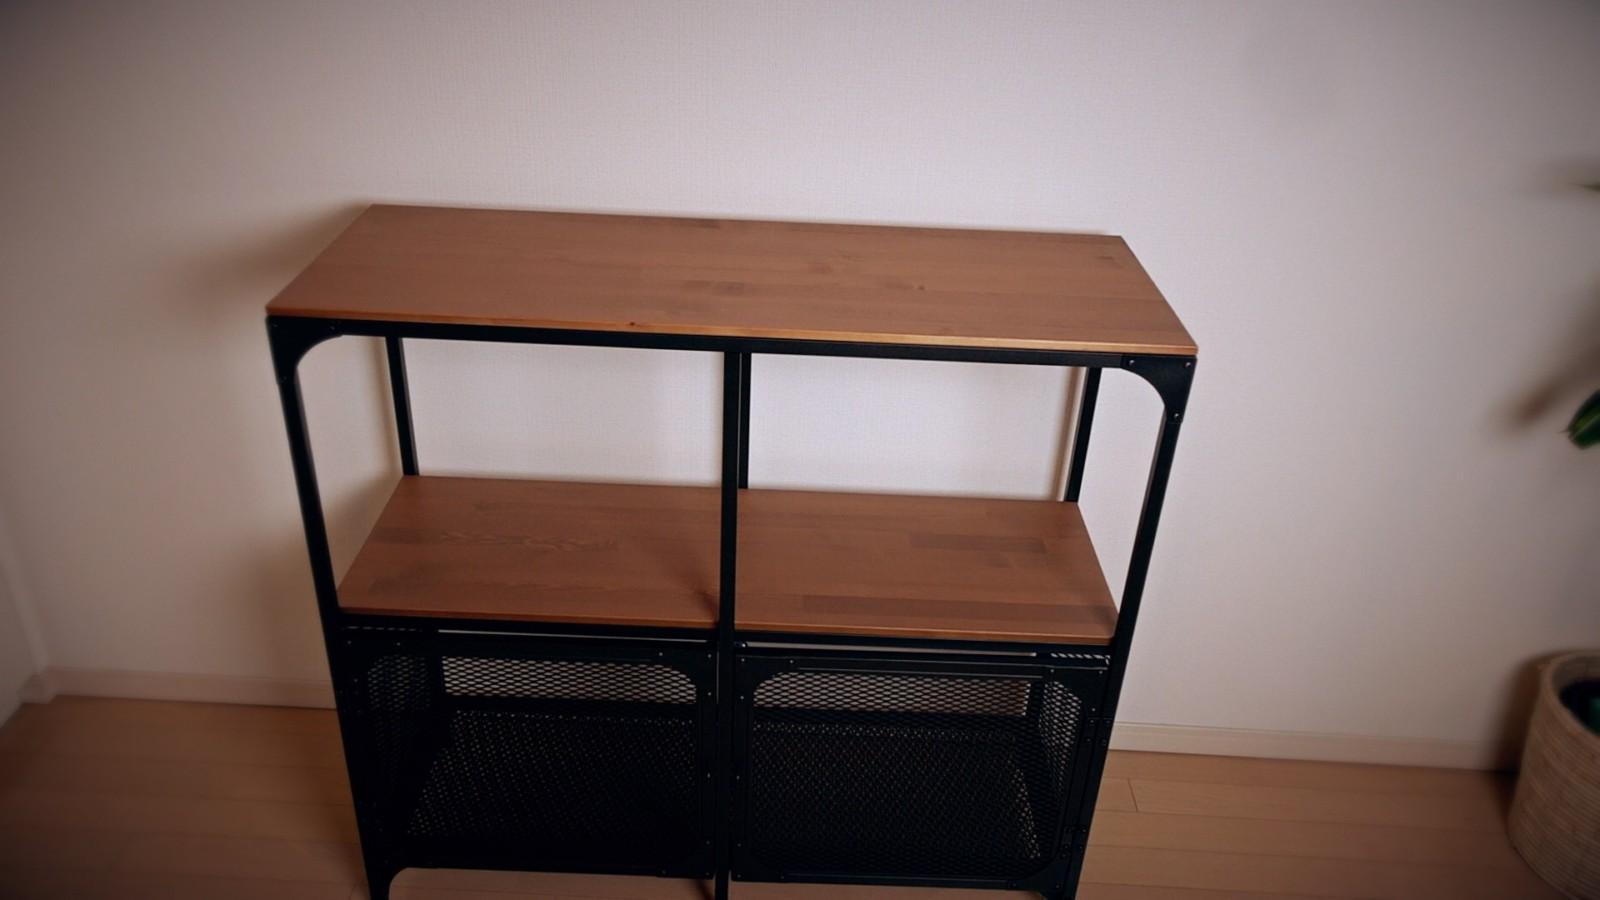 IKEAの男前コレクションラック「フィエルボ」